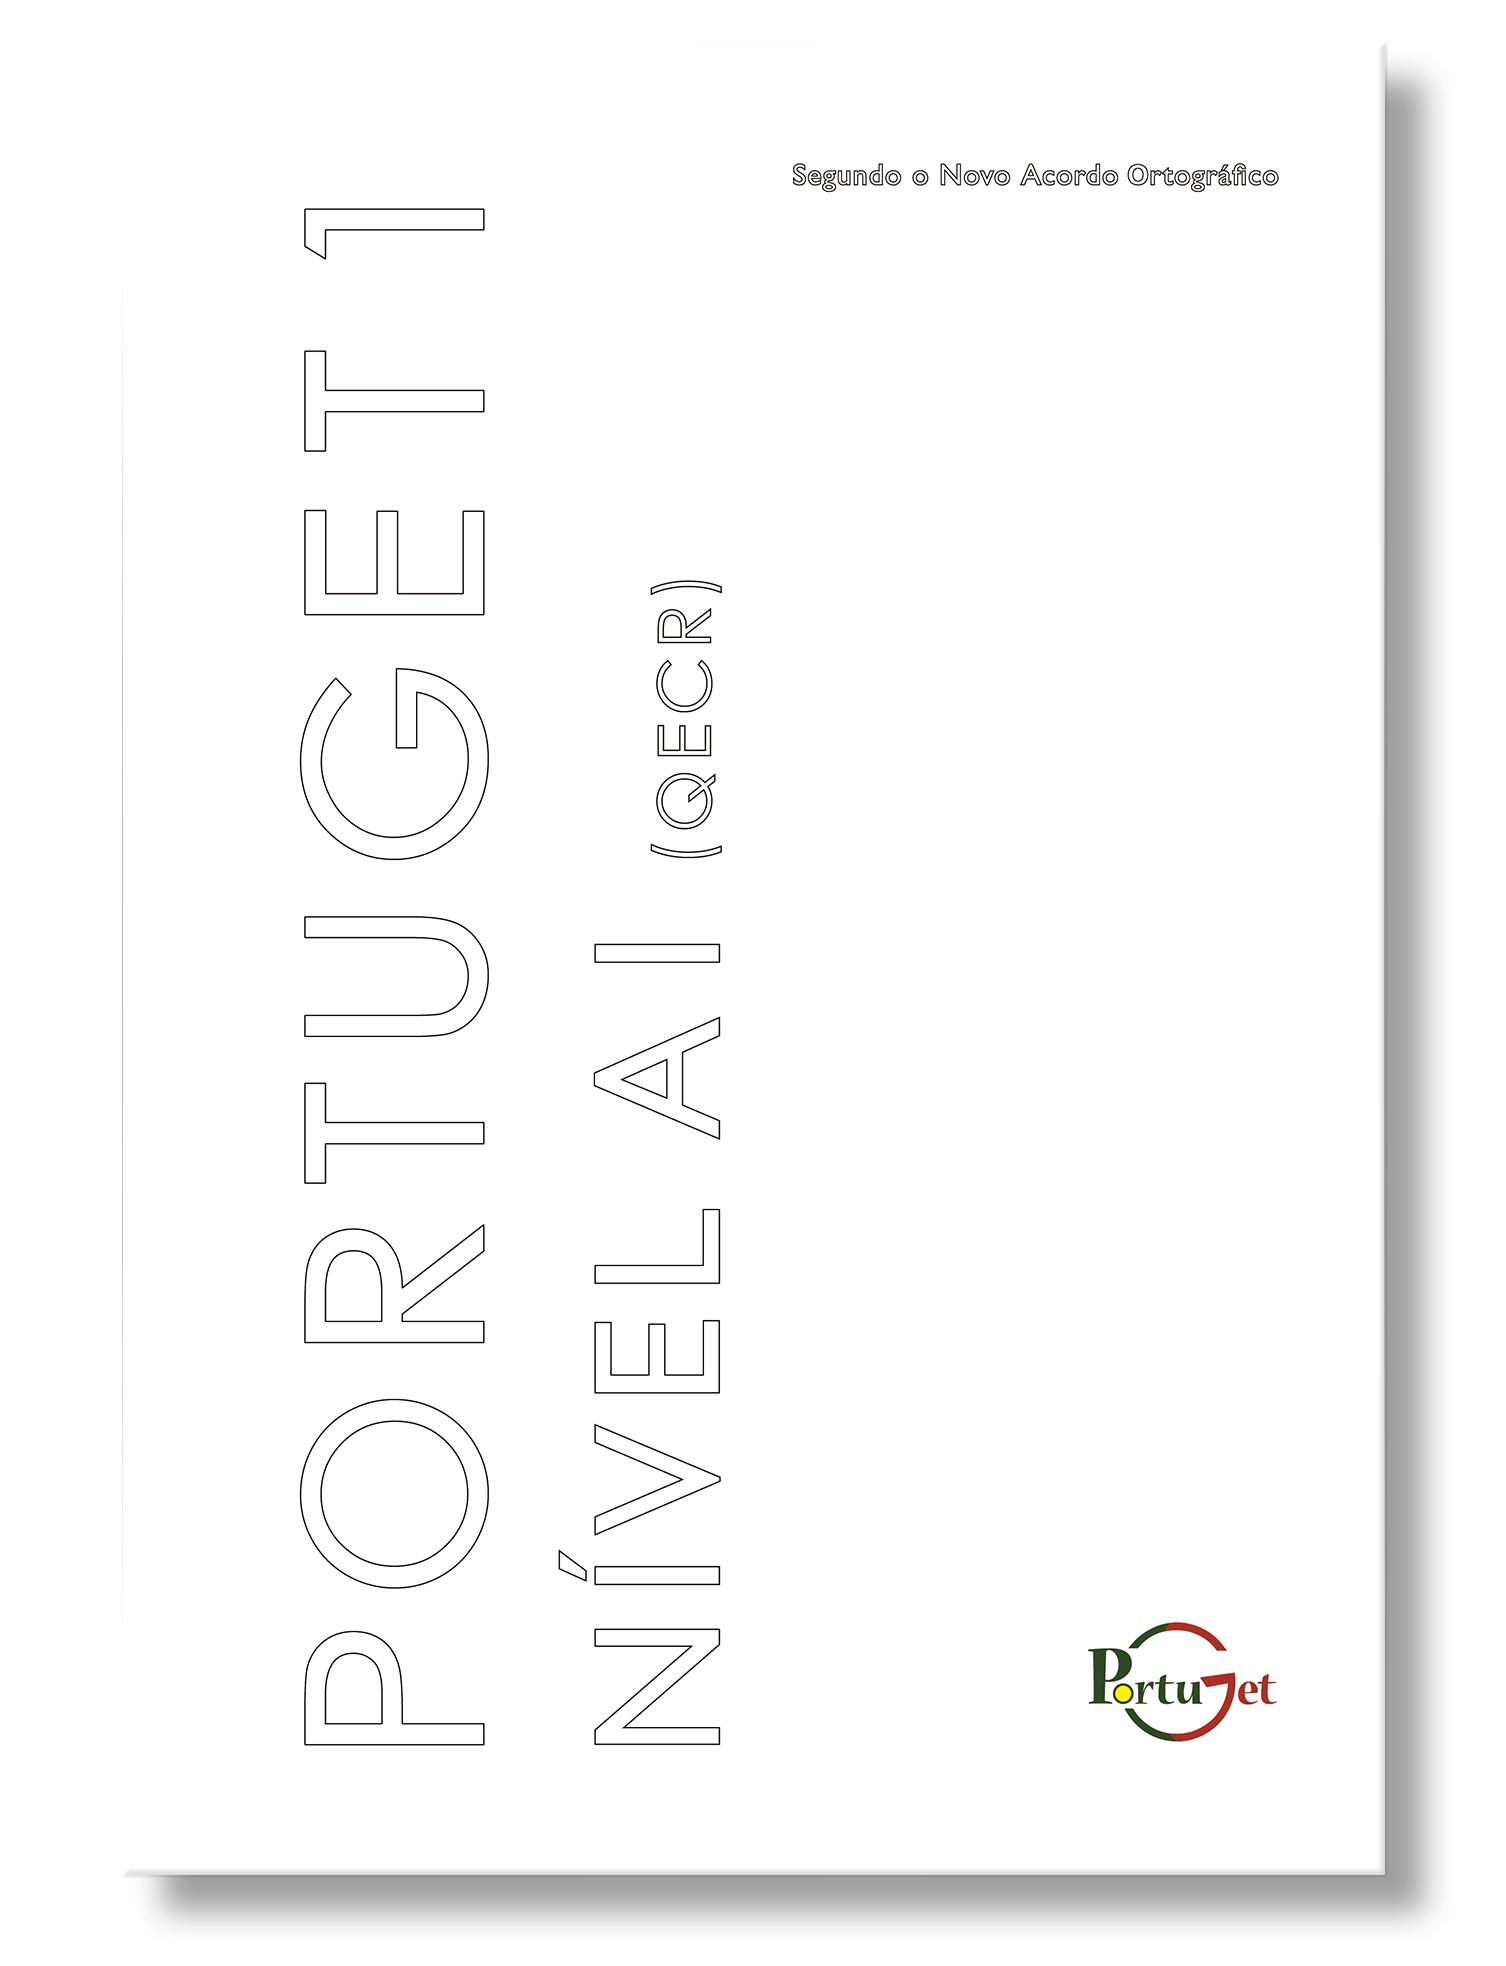 PortuGet 1 Nível A1 (QECR)